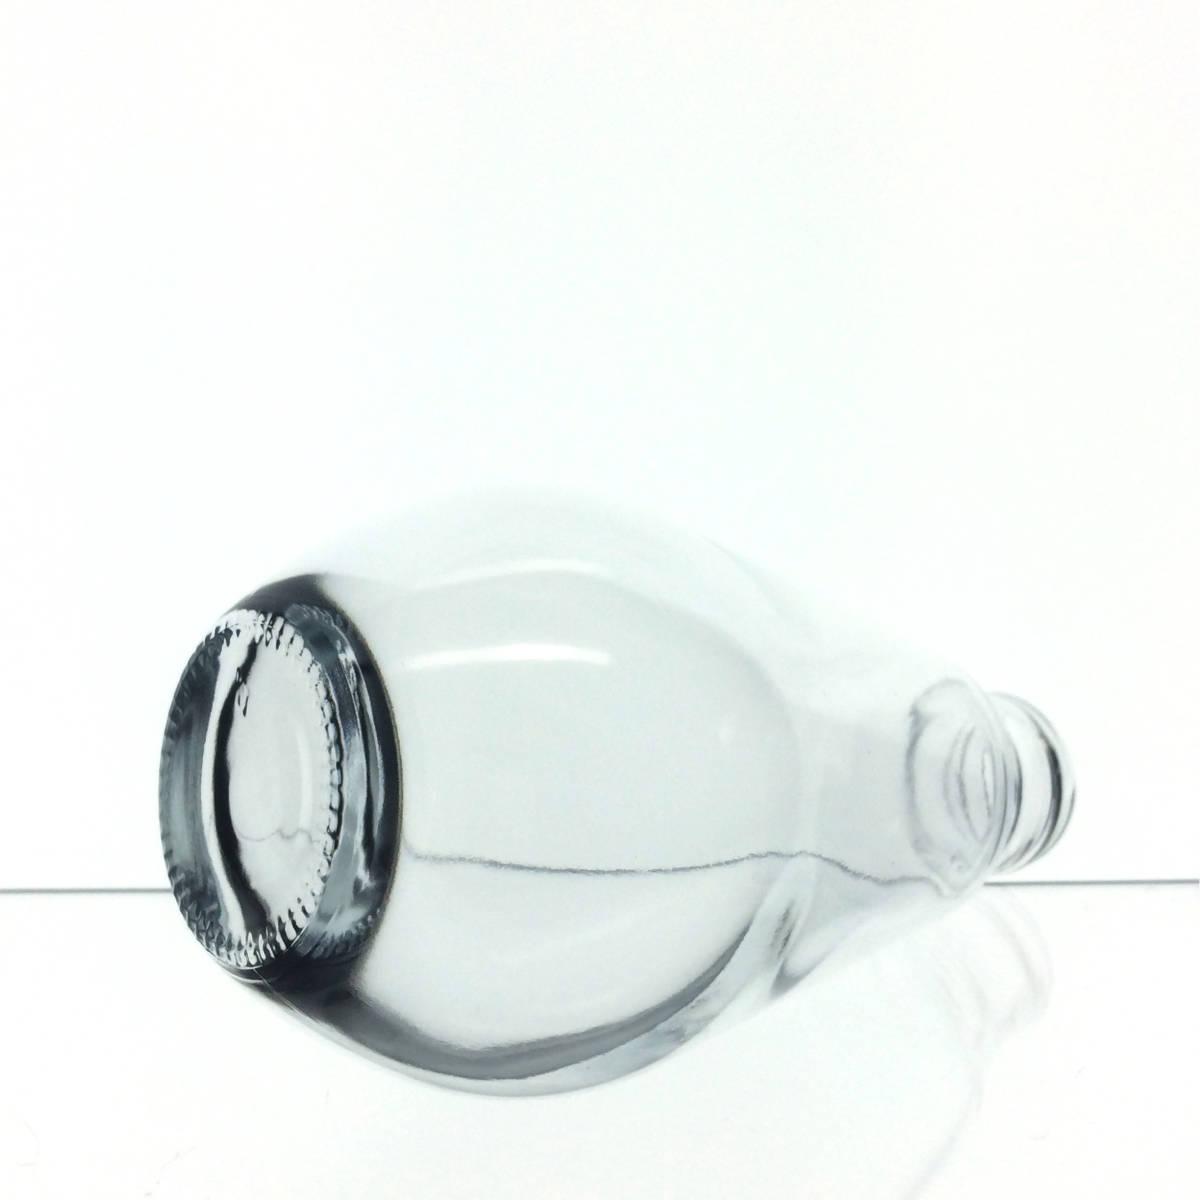 ハーバリウム瓶 しずく200ml 4本_画像2